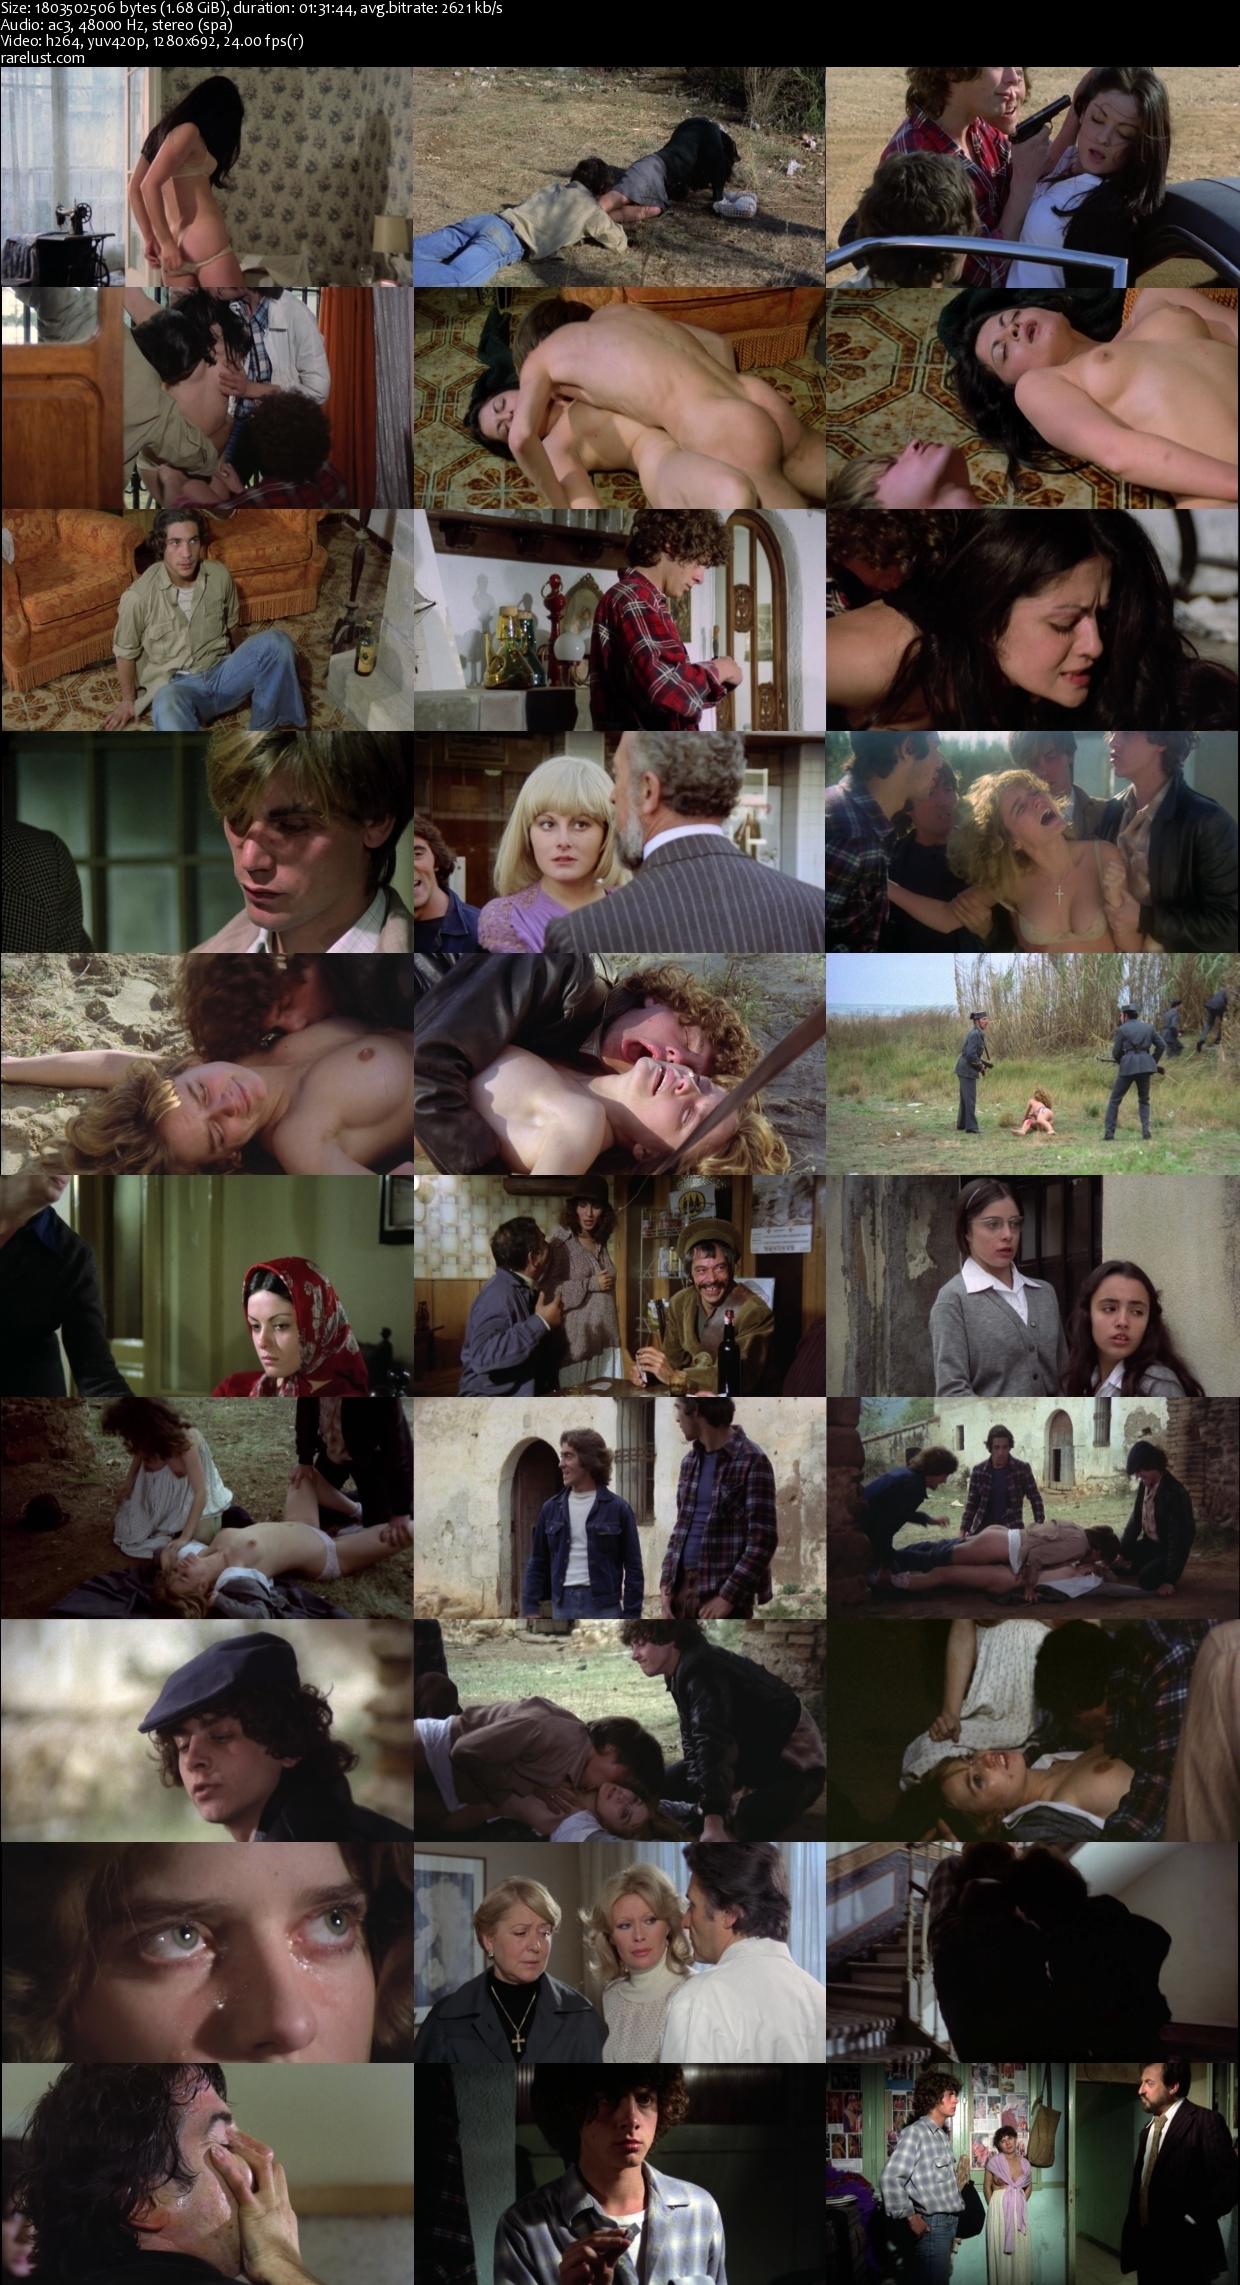 Amanecer Porn Family los violadores del amanecer (1978) archives - voyeurpapa